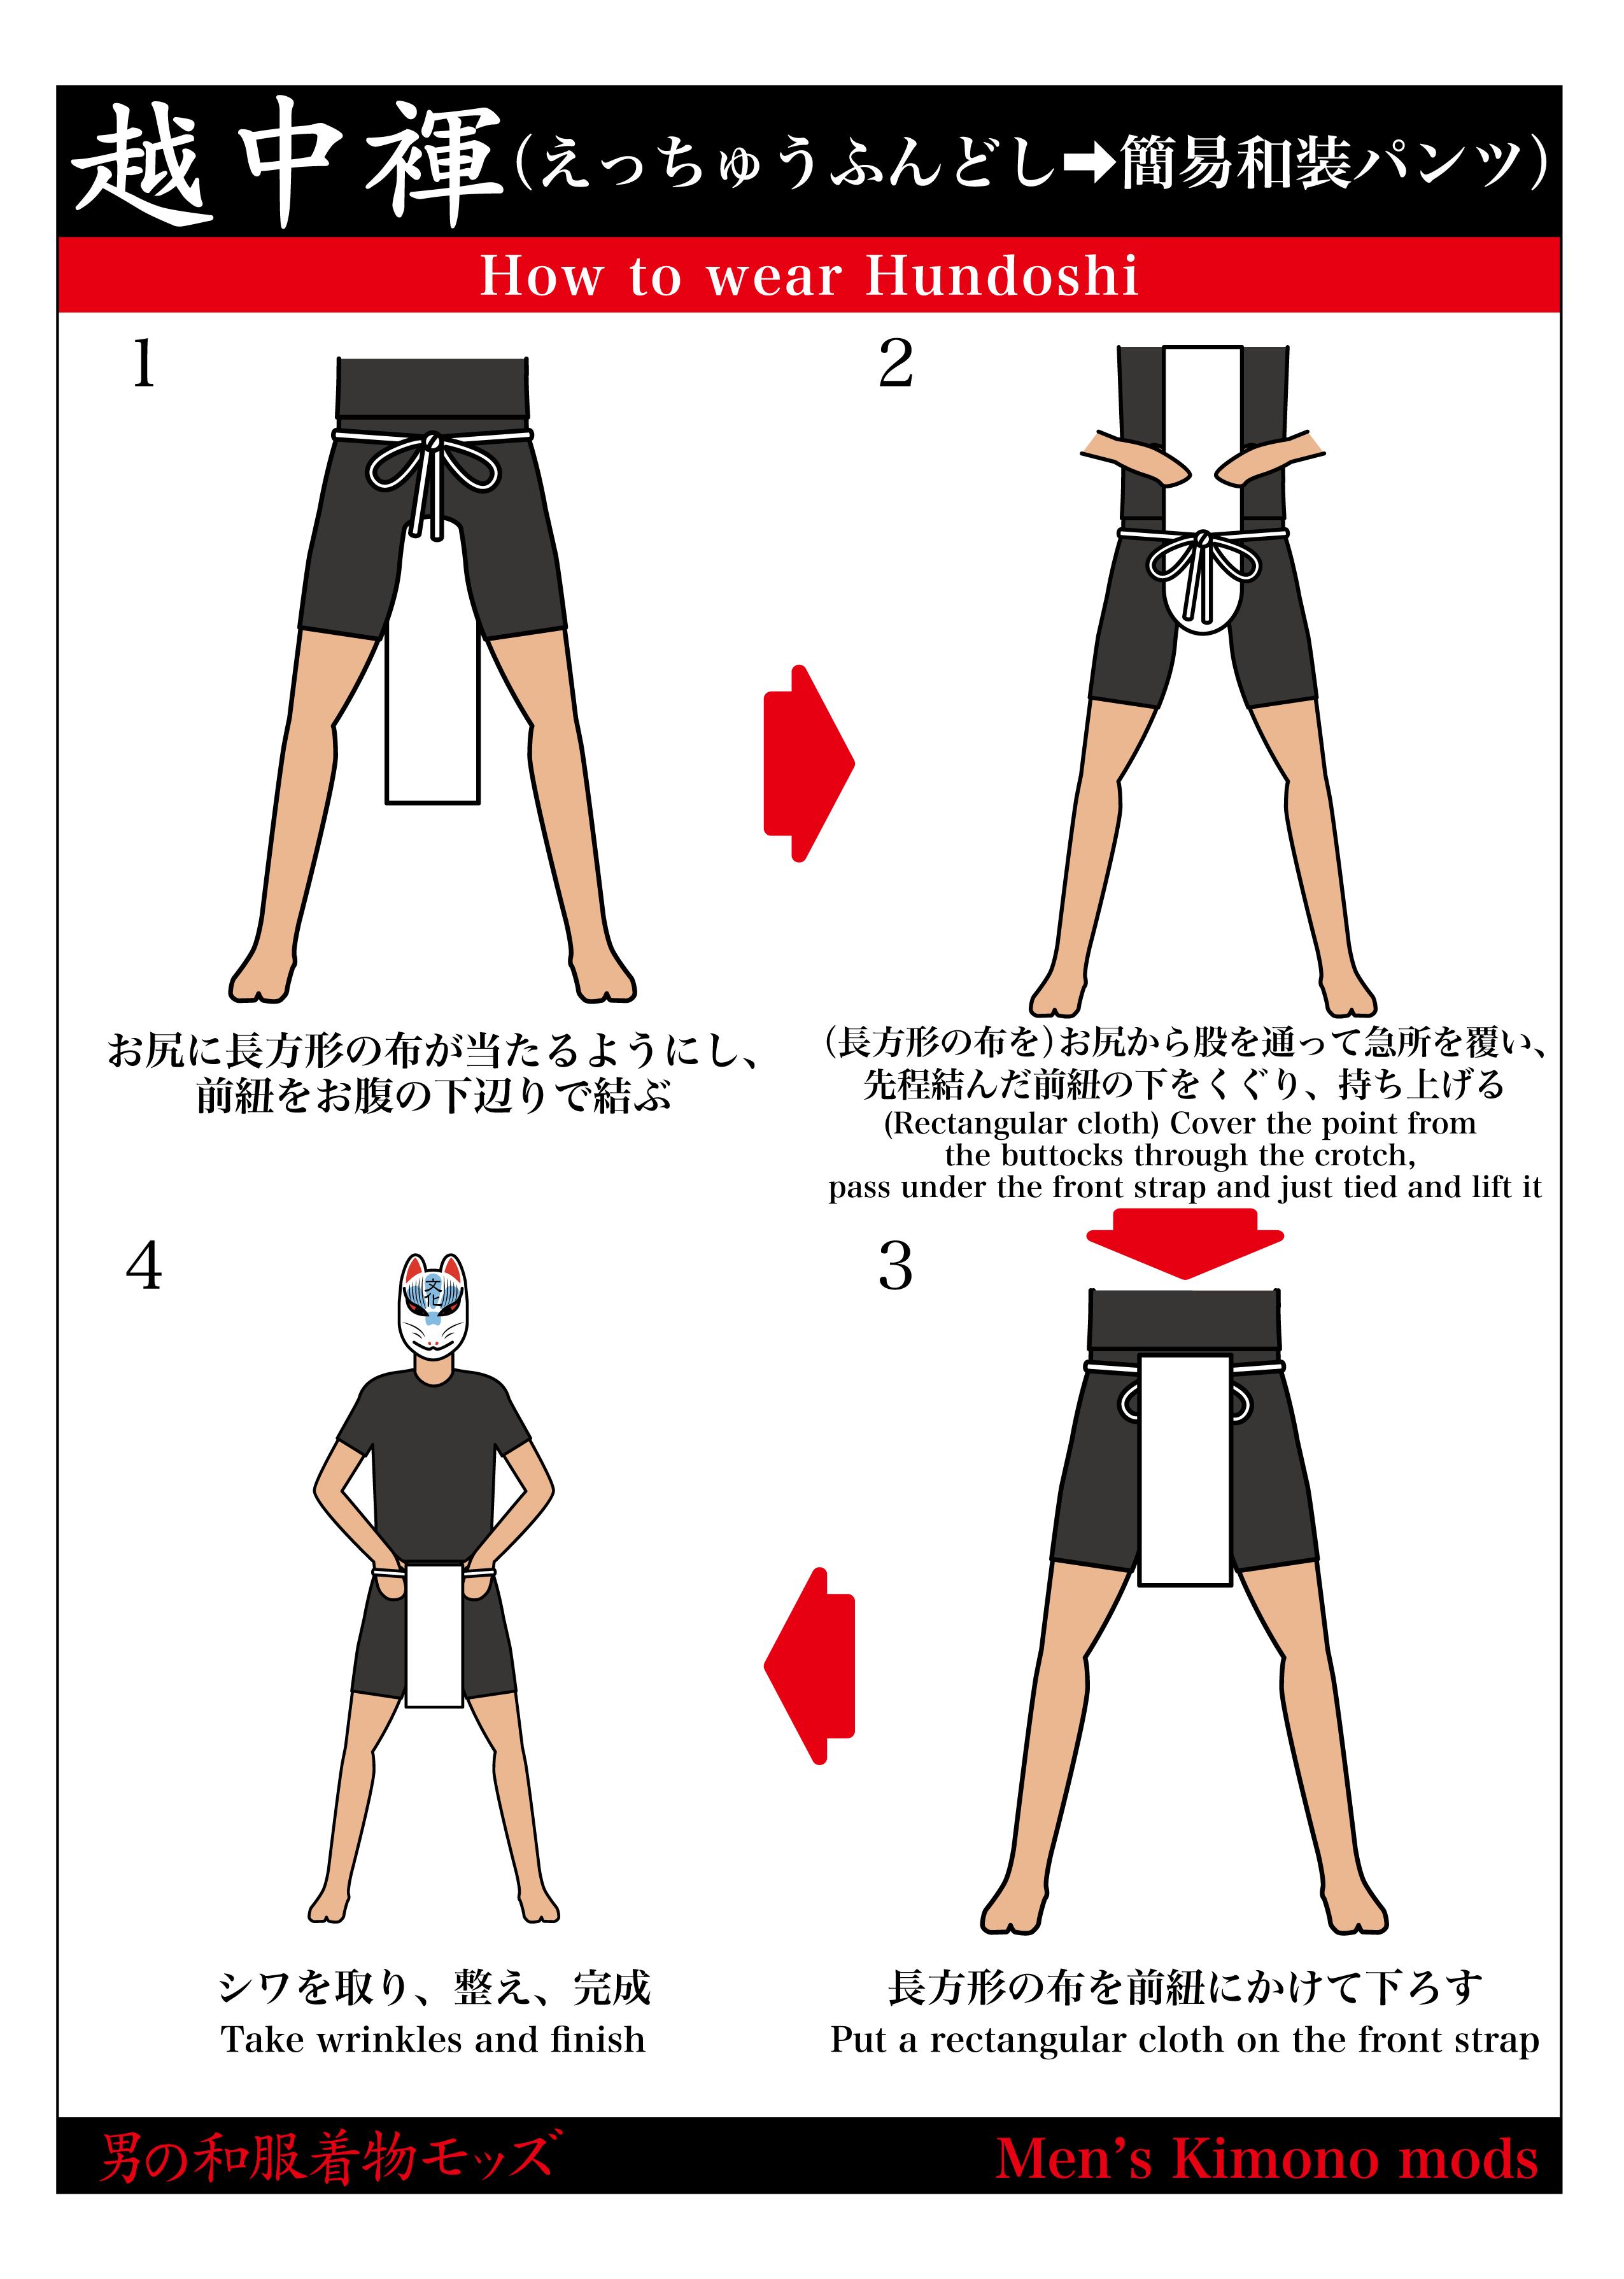 男の和服,メンズ着物,表着物,狐面,日本,初心者,褌,スパッツ,着付け